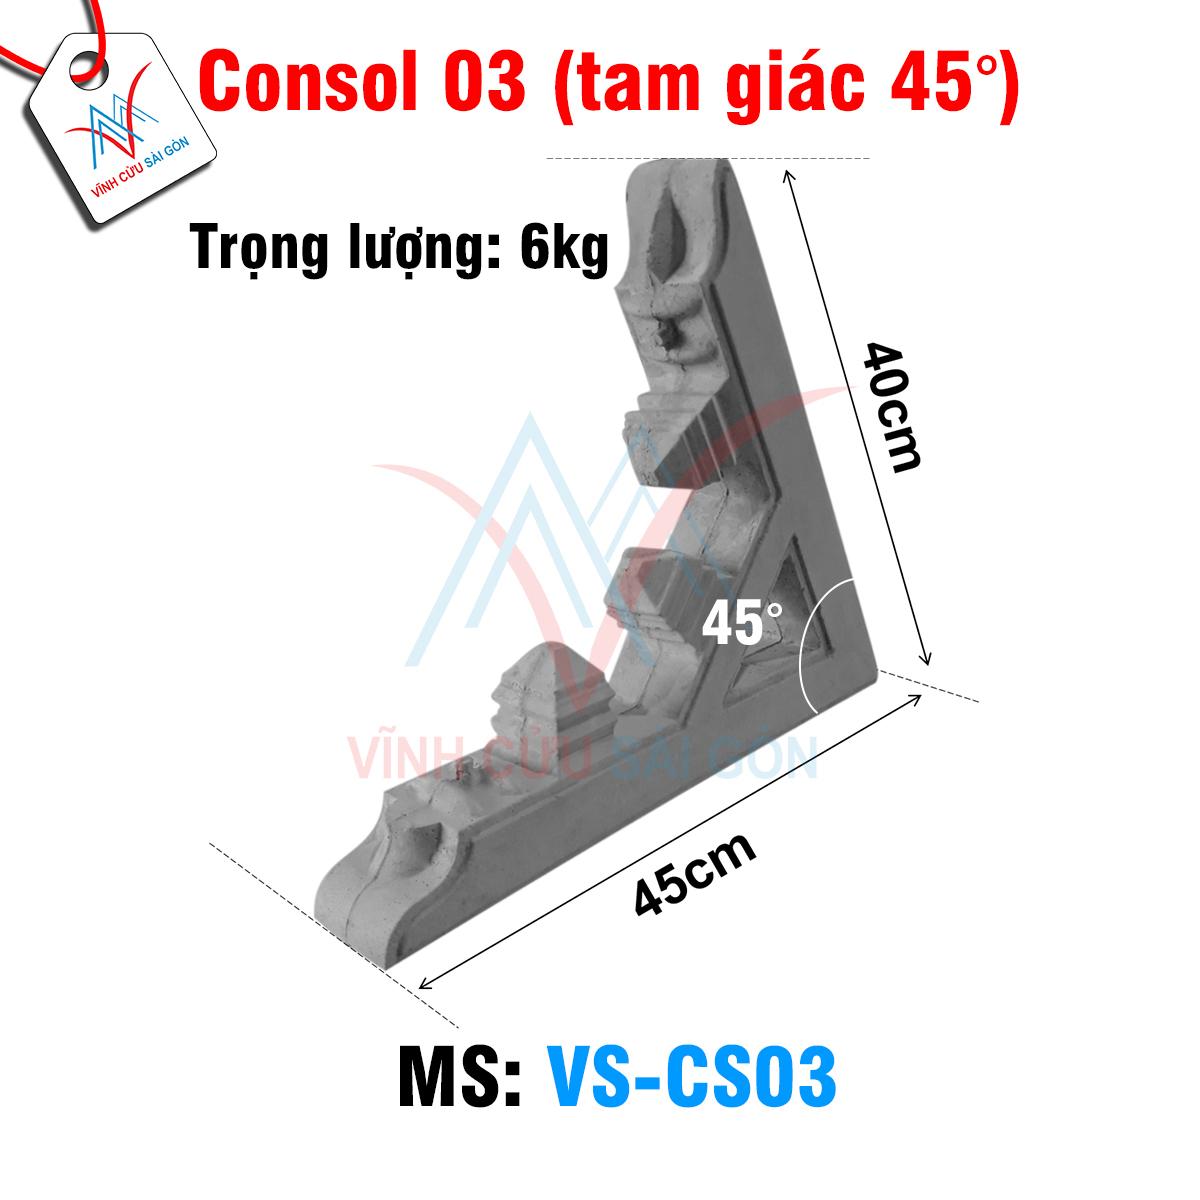 Kích thước của Consol 03 (tam giác 45°)